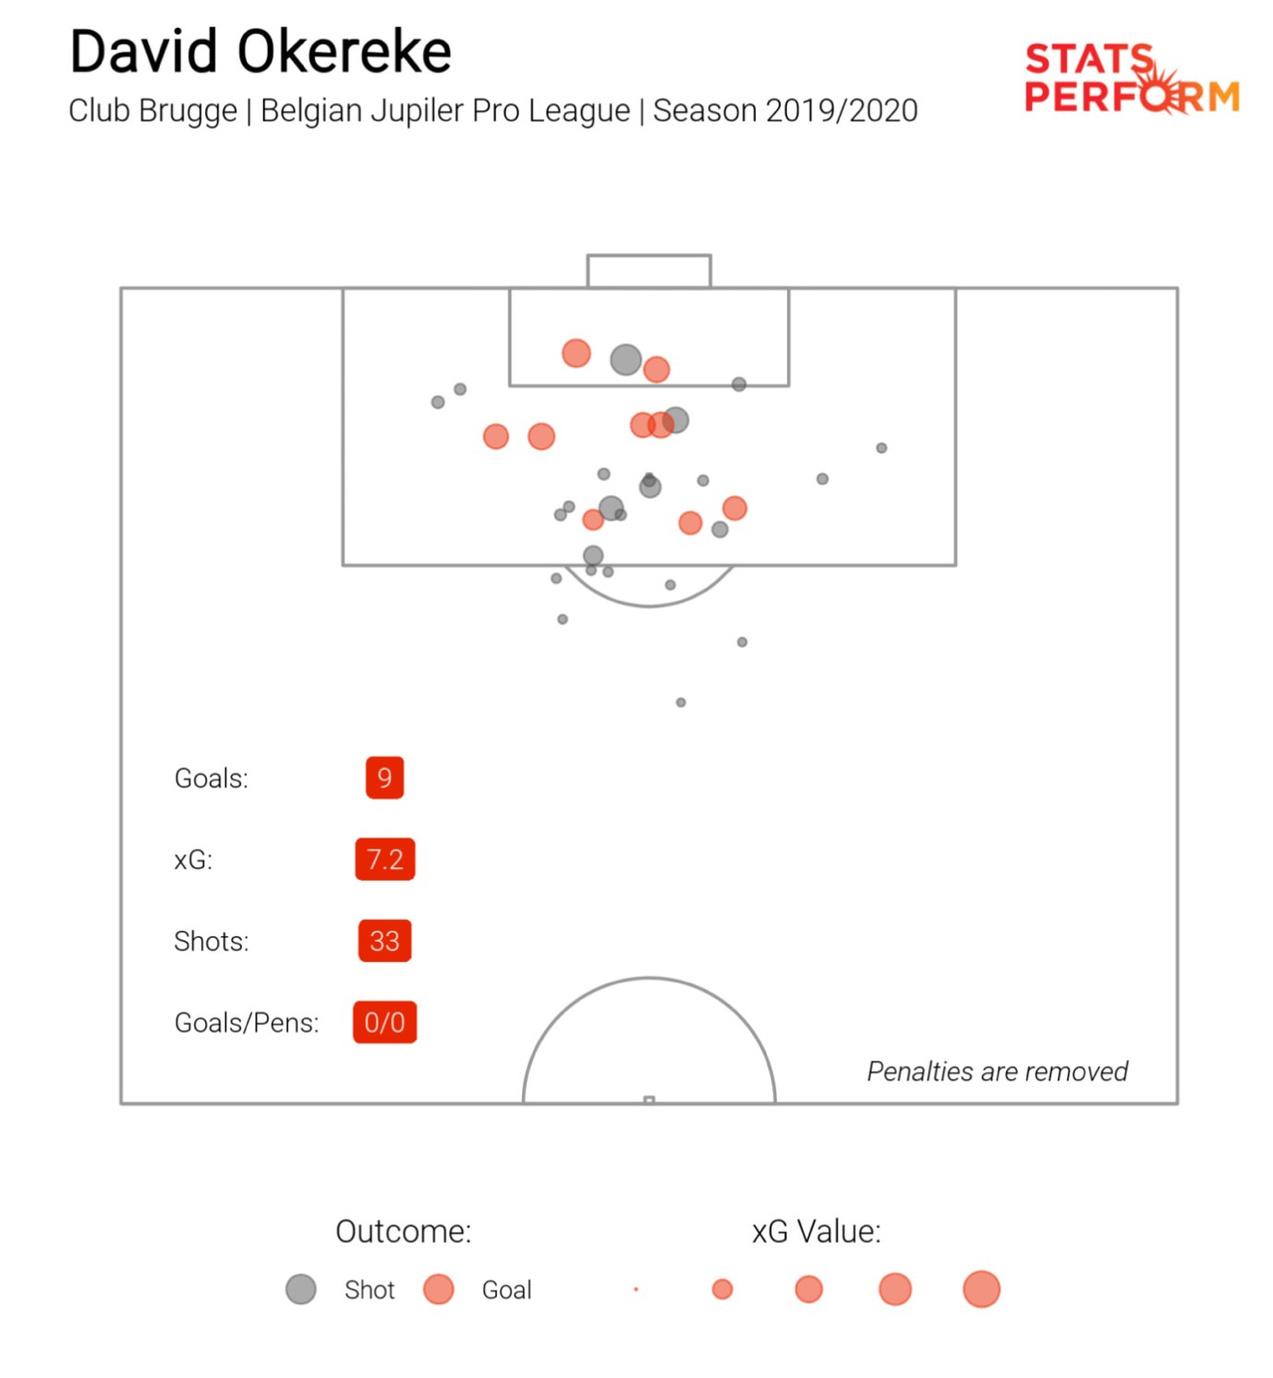 De locaties van de doelpogingen van Okereke dit seizoen in de Jupiler Pro League., Stats